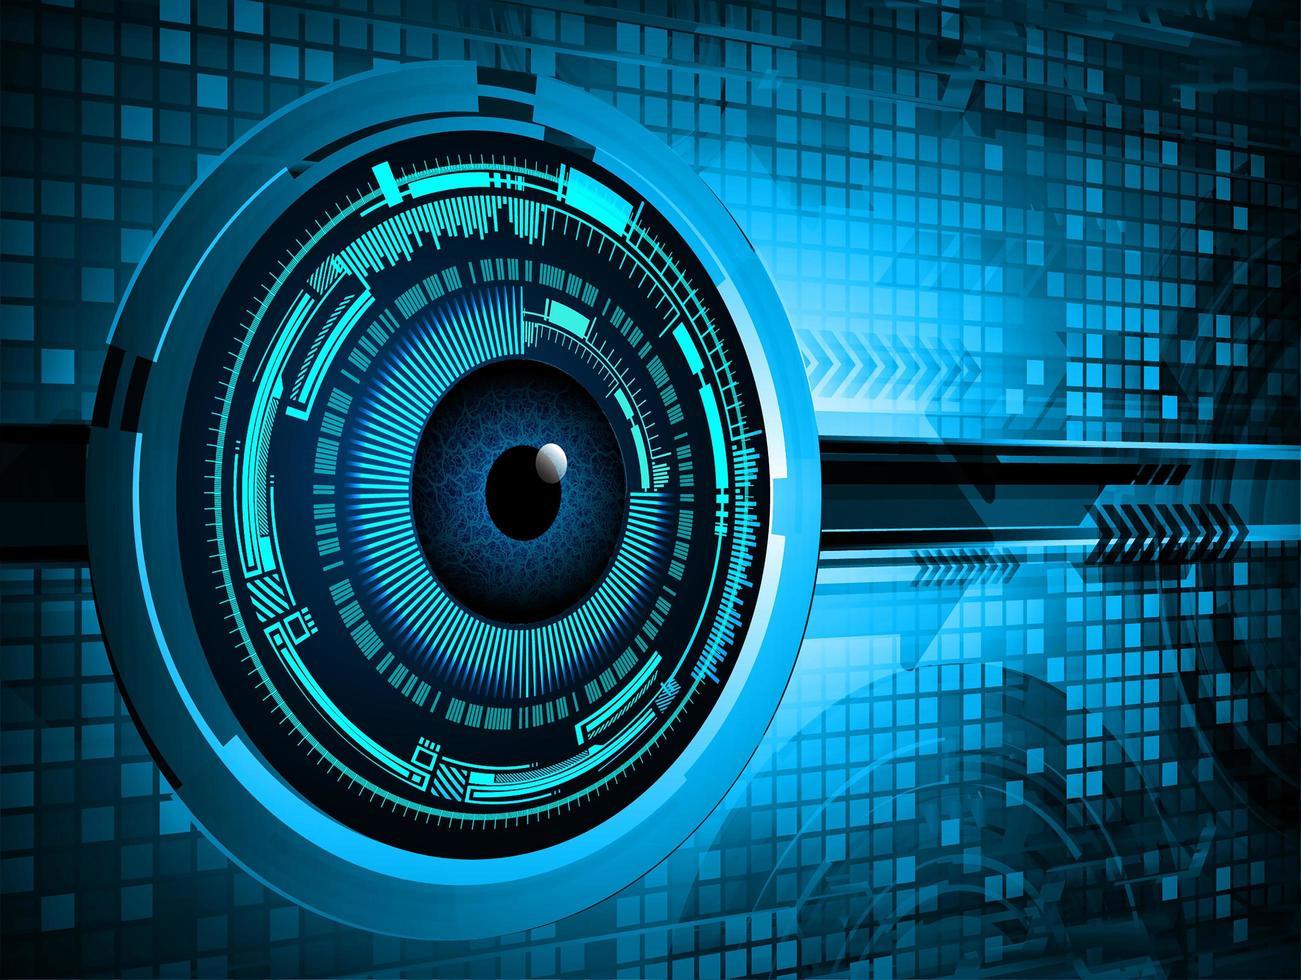 concetto di tecnologia futura del circuito cyber blue eye vettore